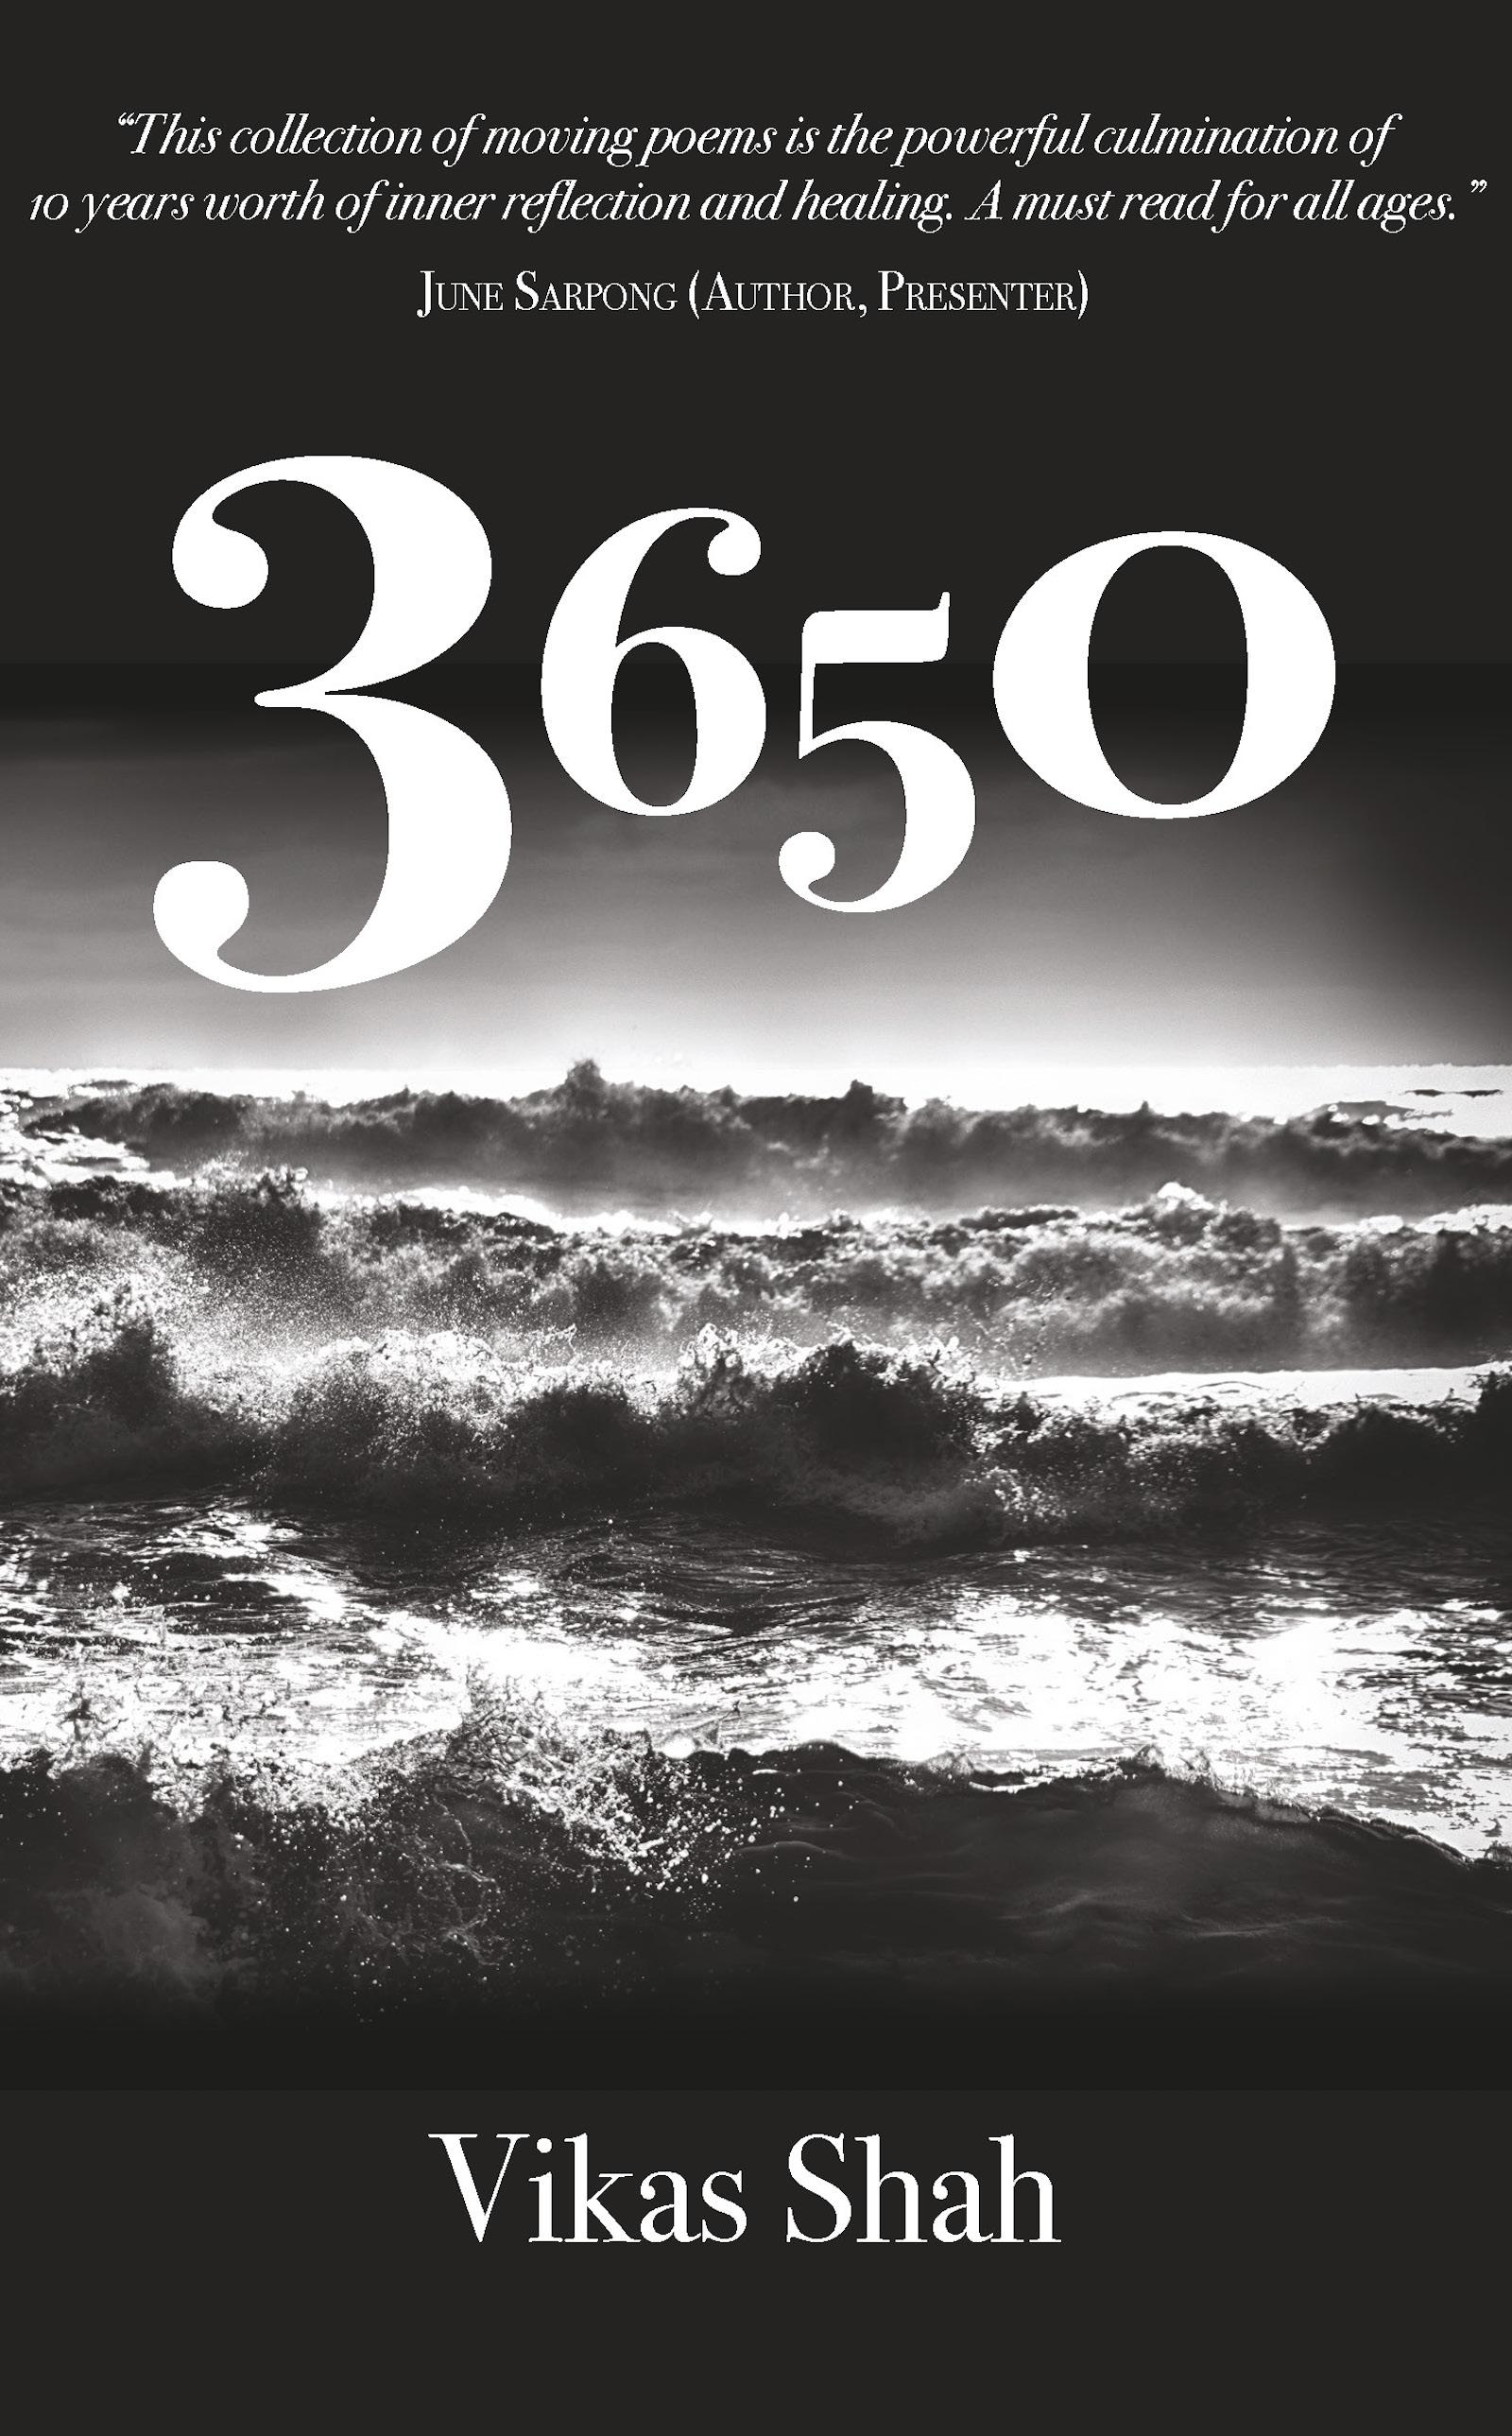 3650 - Vikas Shah